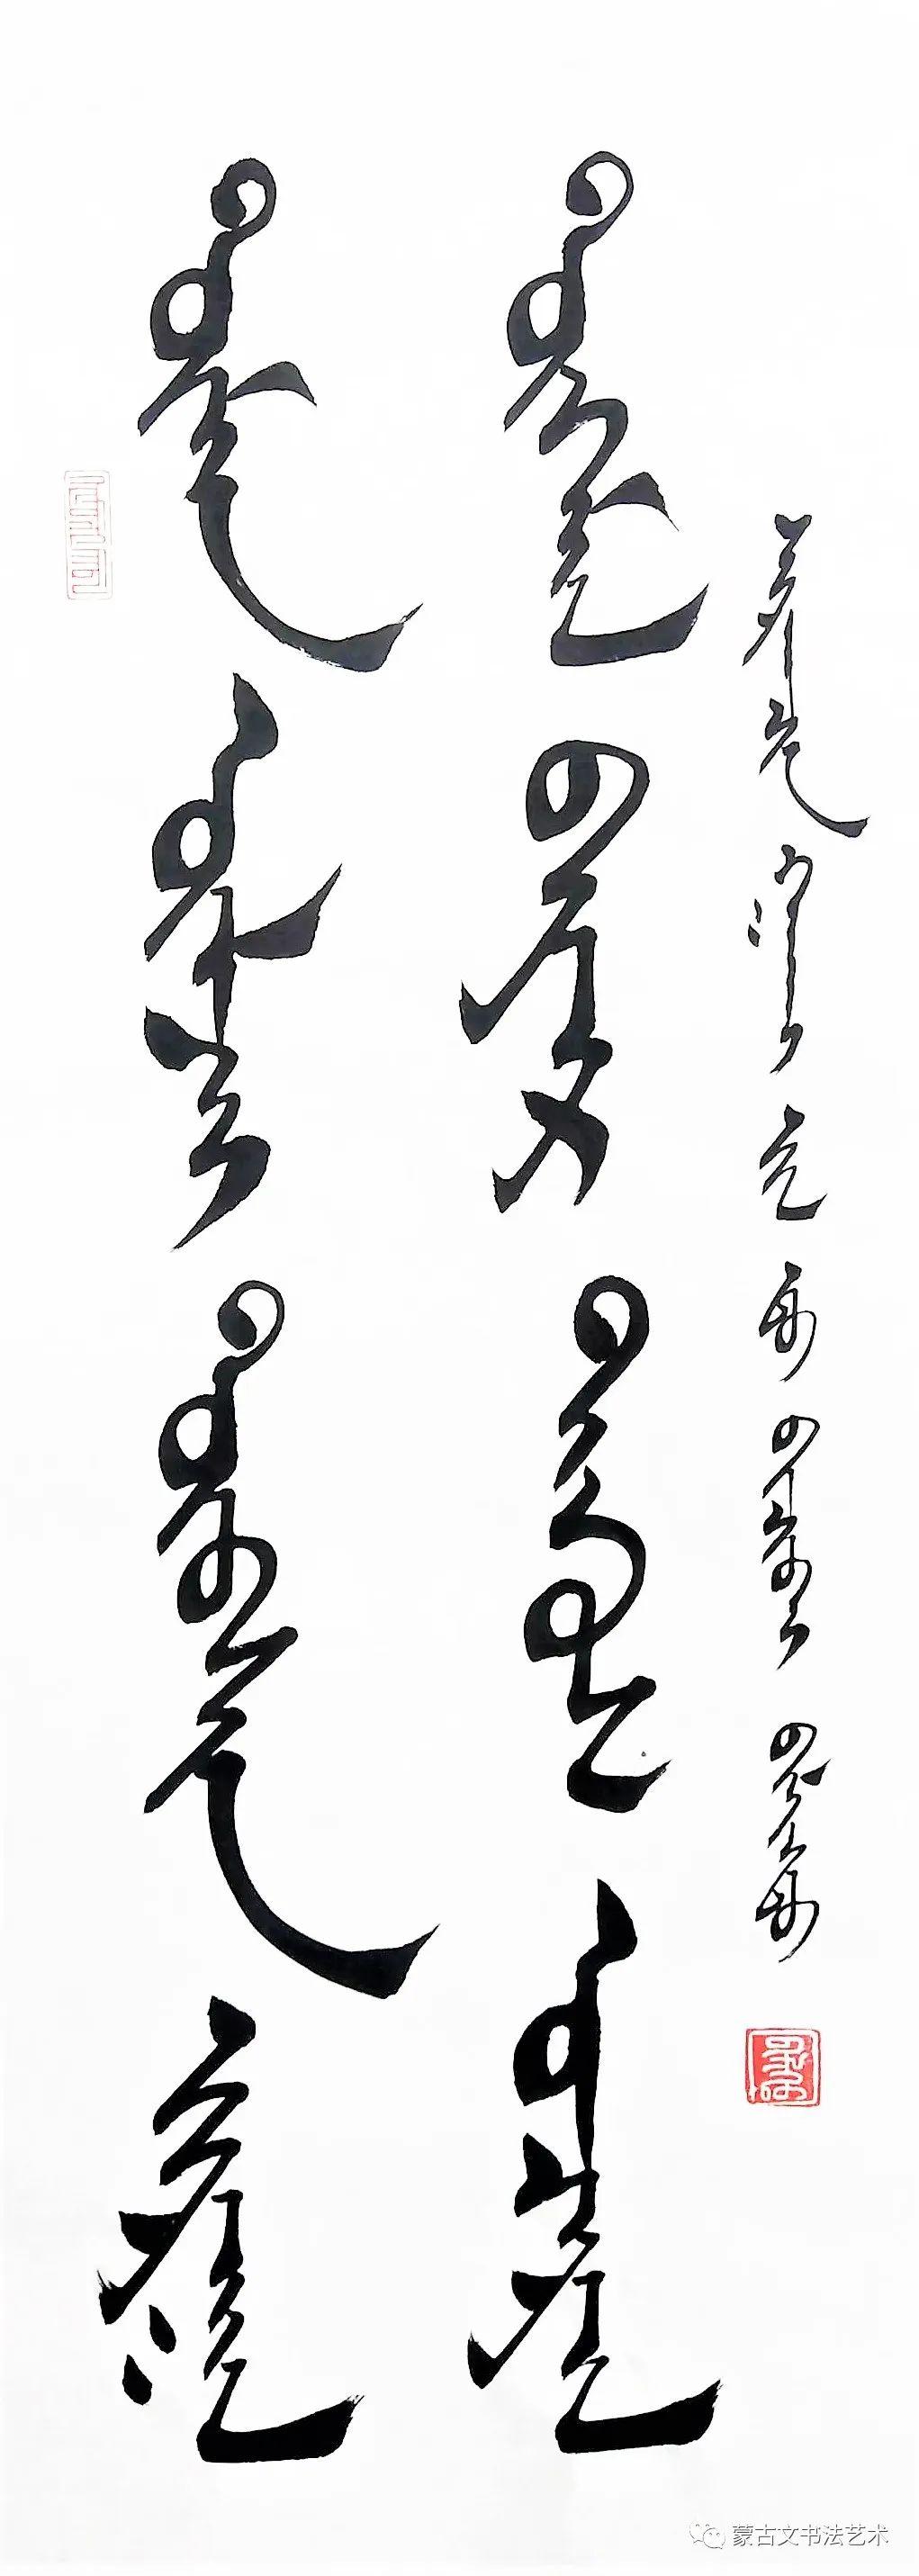 毕力格图蒙古文书法 第3张